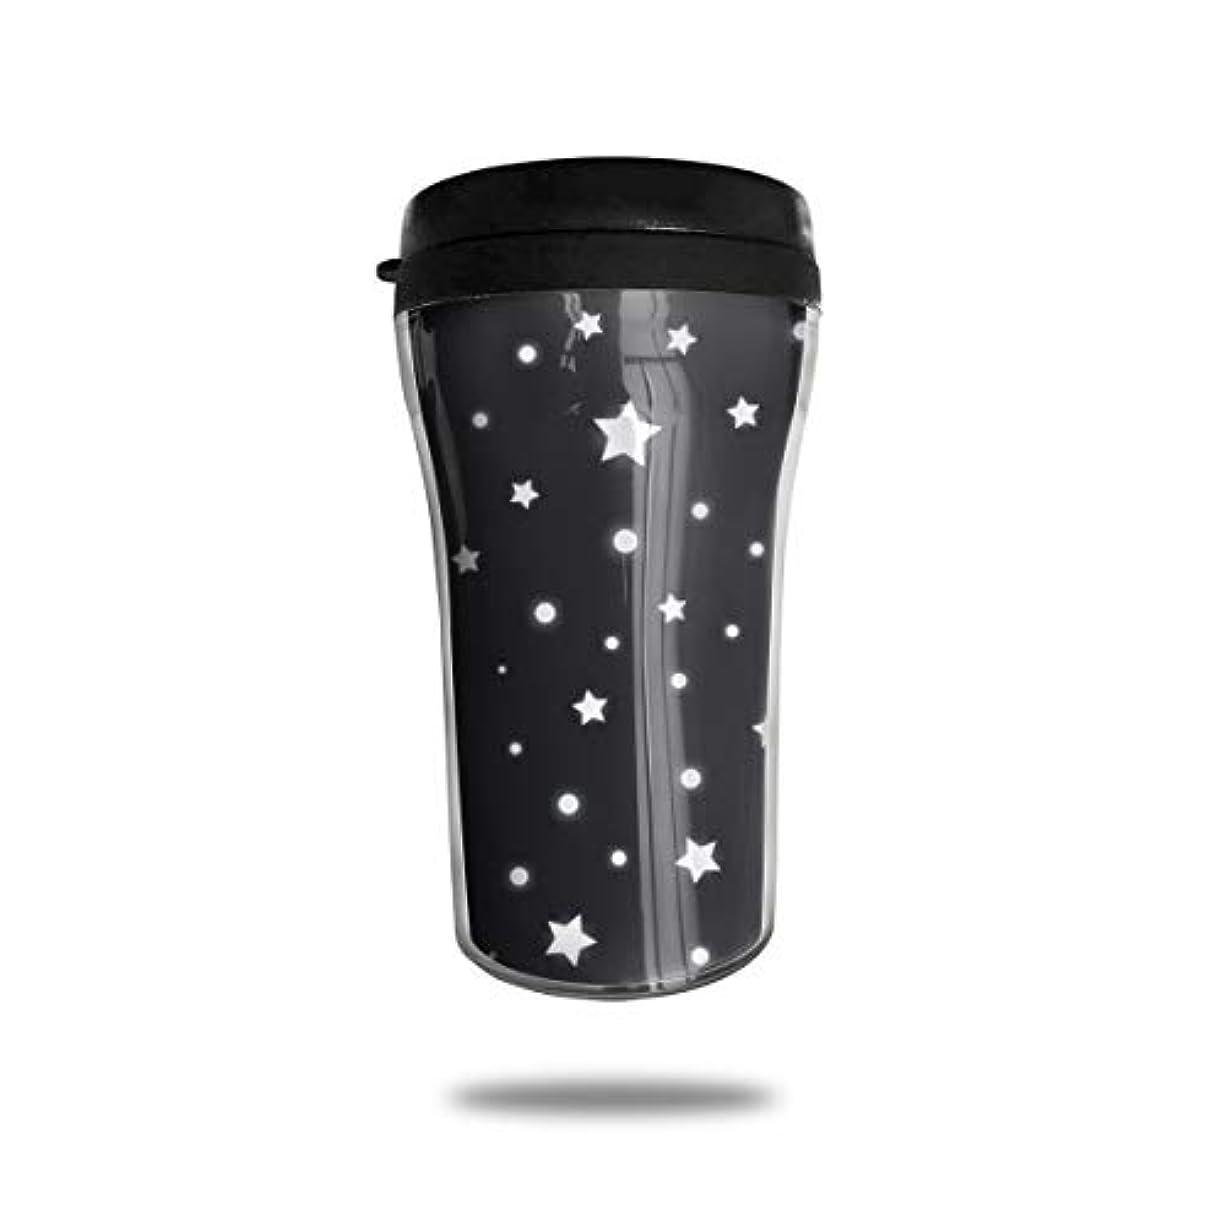 遵守する維持中間Stars Sky Night ハイエンド、スタイリッシュ、シンプル、絶妙で人気のあるコーヒーカップはコンパクトで持ち運びが簡単です